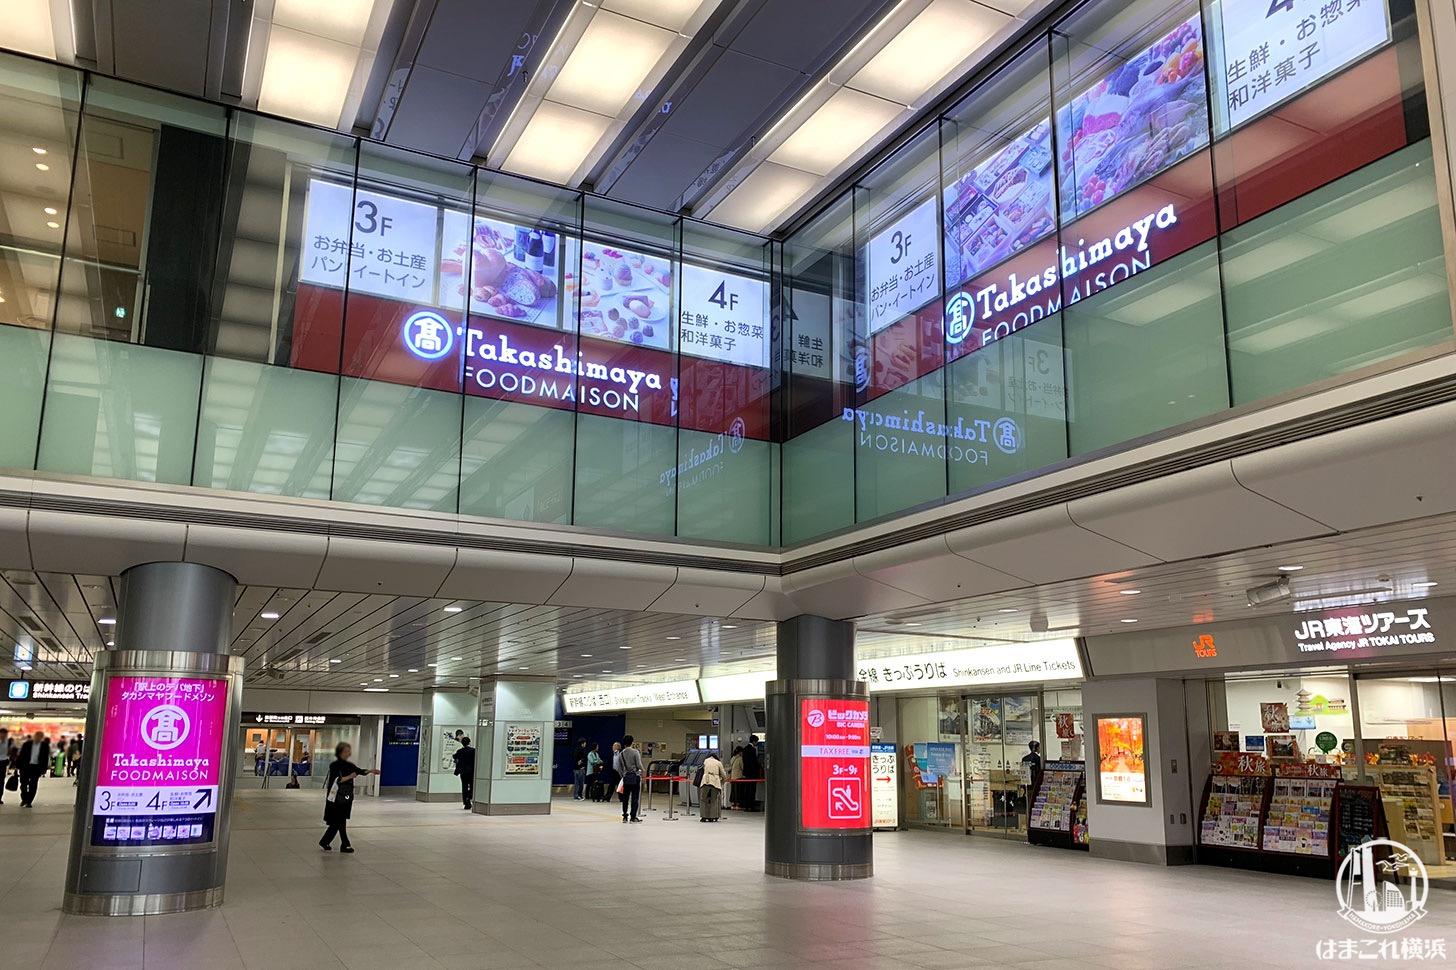 高島屋フードメゾン 新横浜店